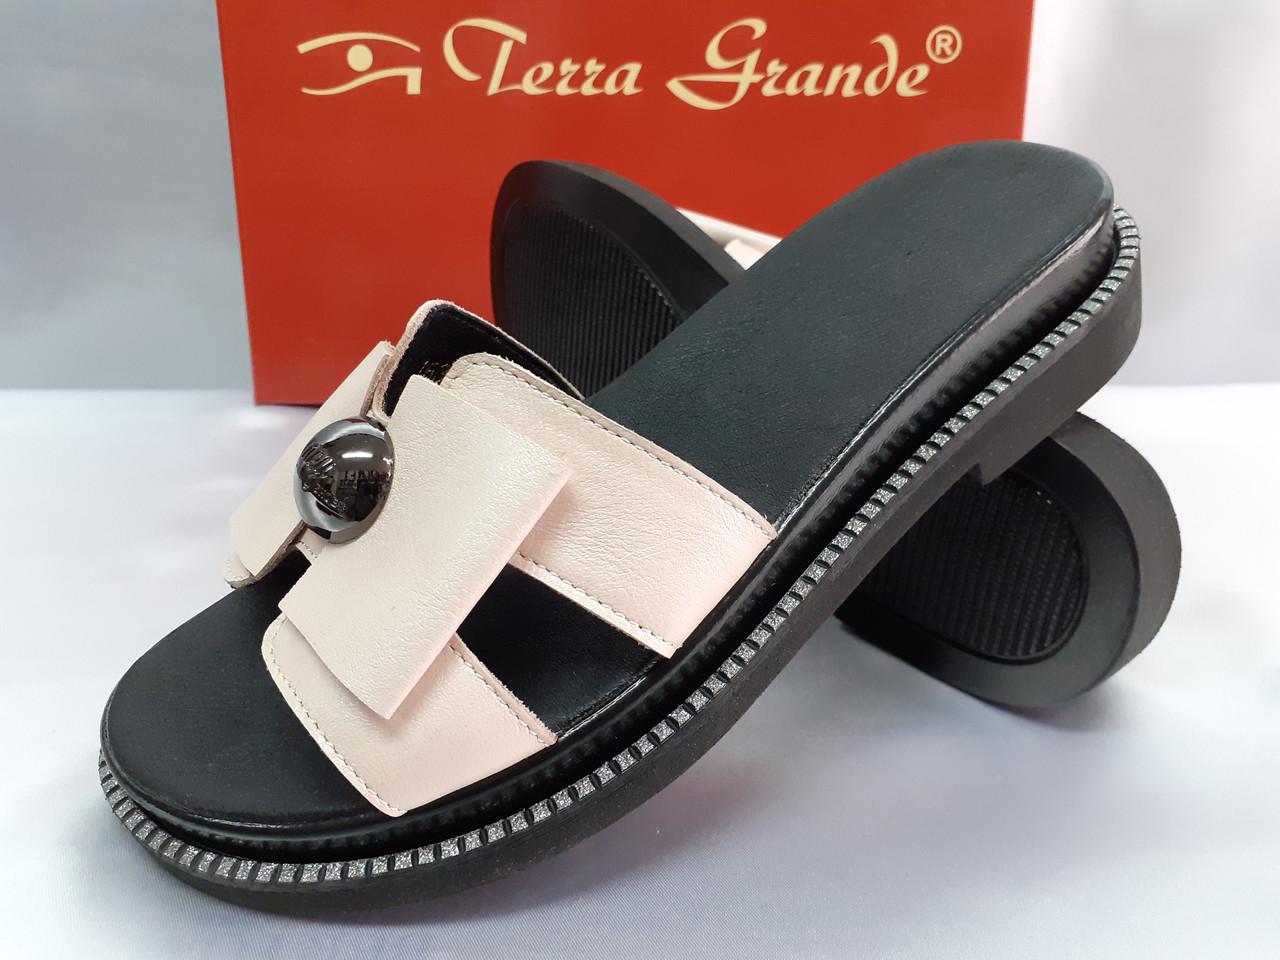 Стильные женские кожаные сабо-шлёпанцы Terra Grande